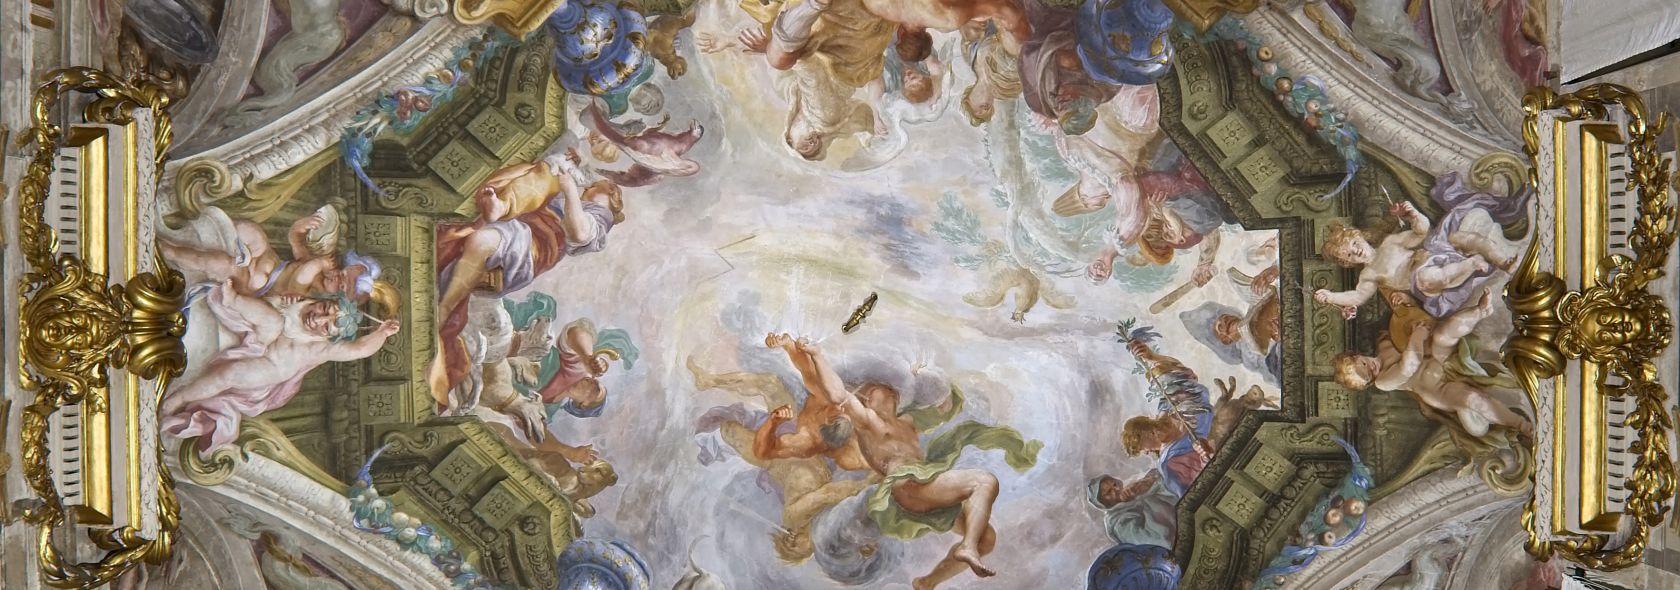 Palazzo Rosso, Sala dell'inverno - Domenico Piola